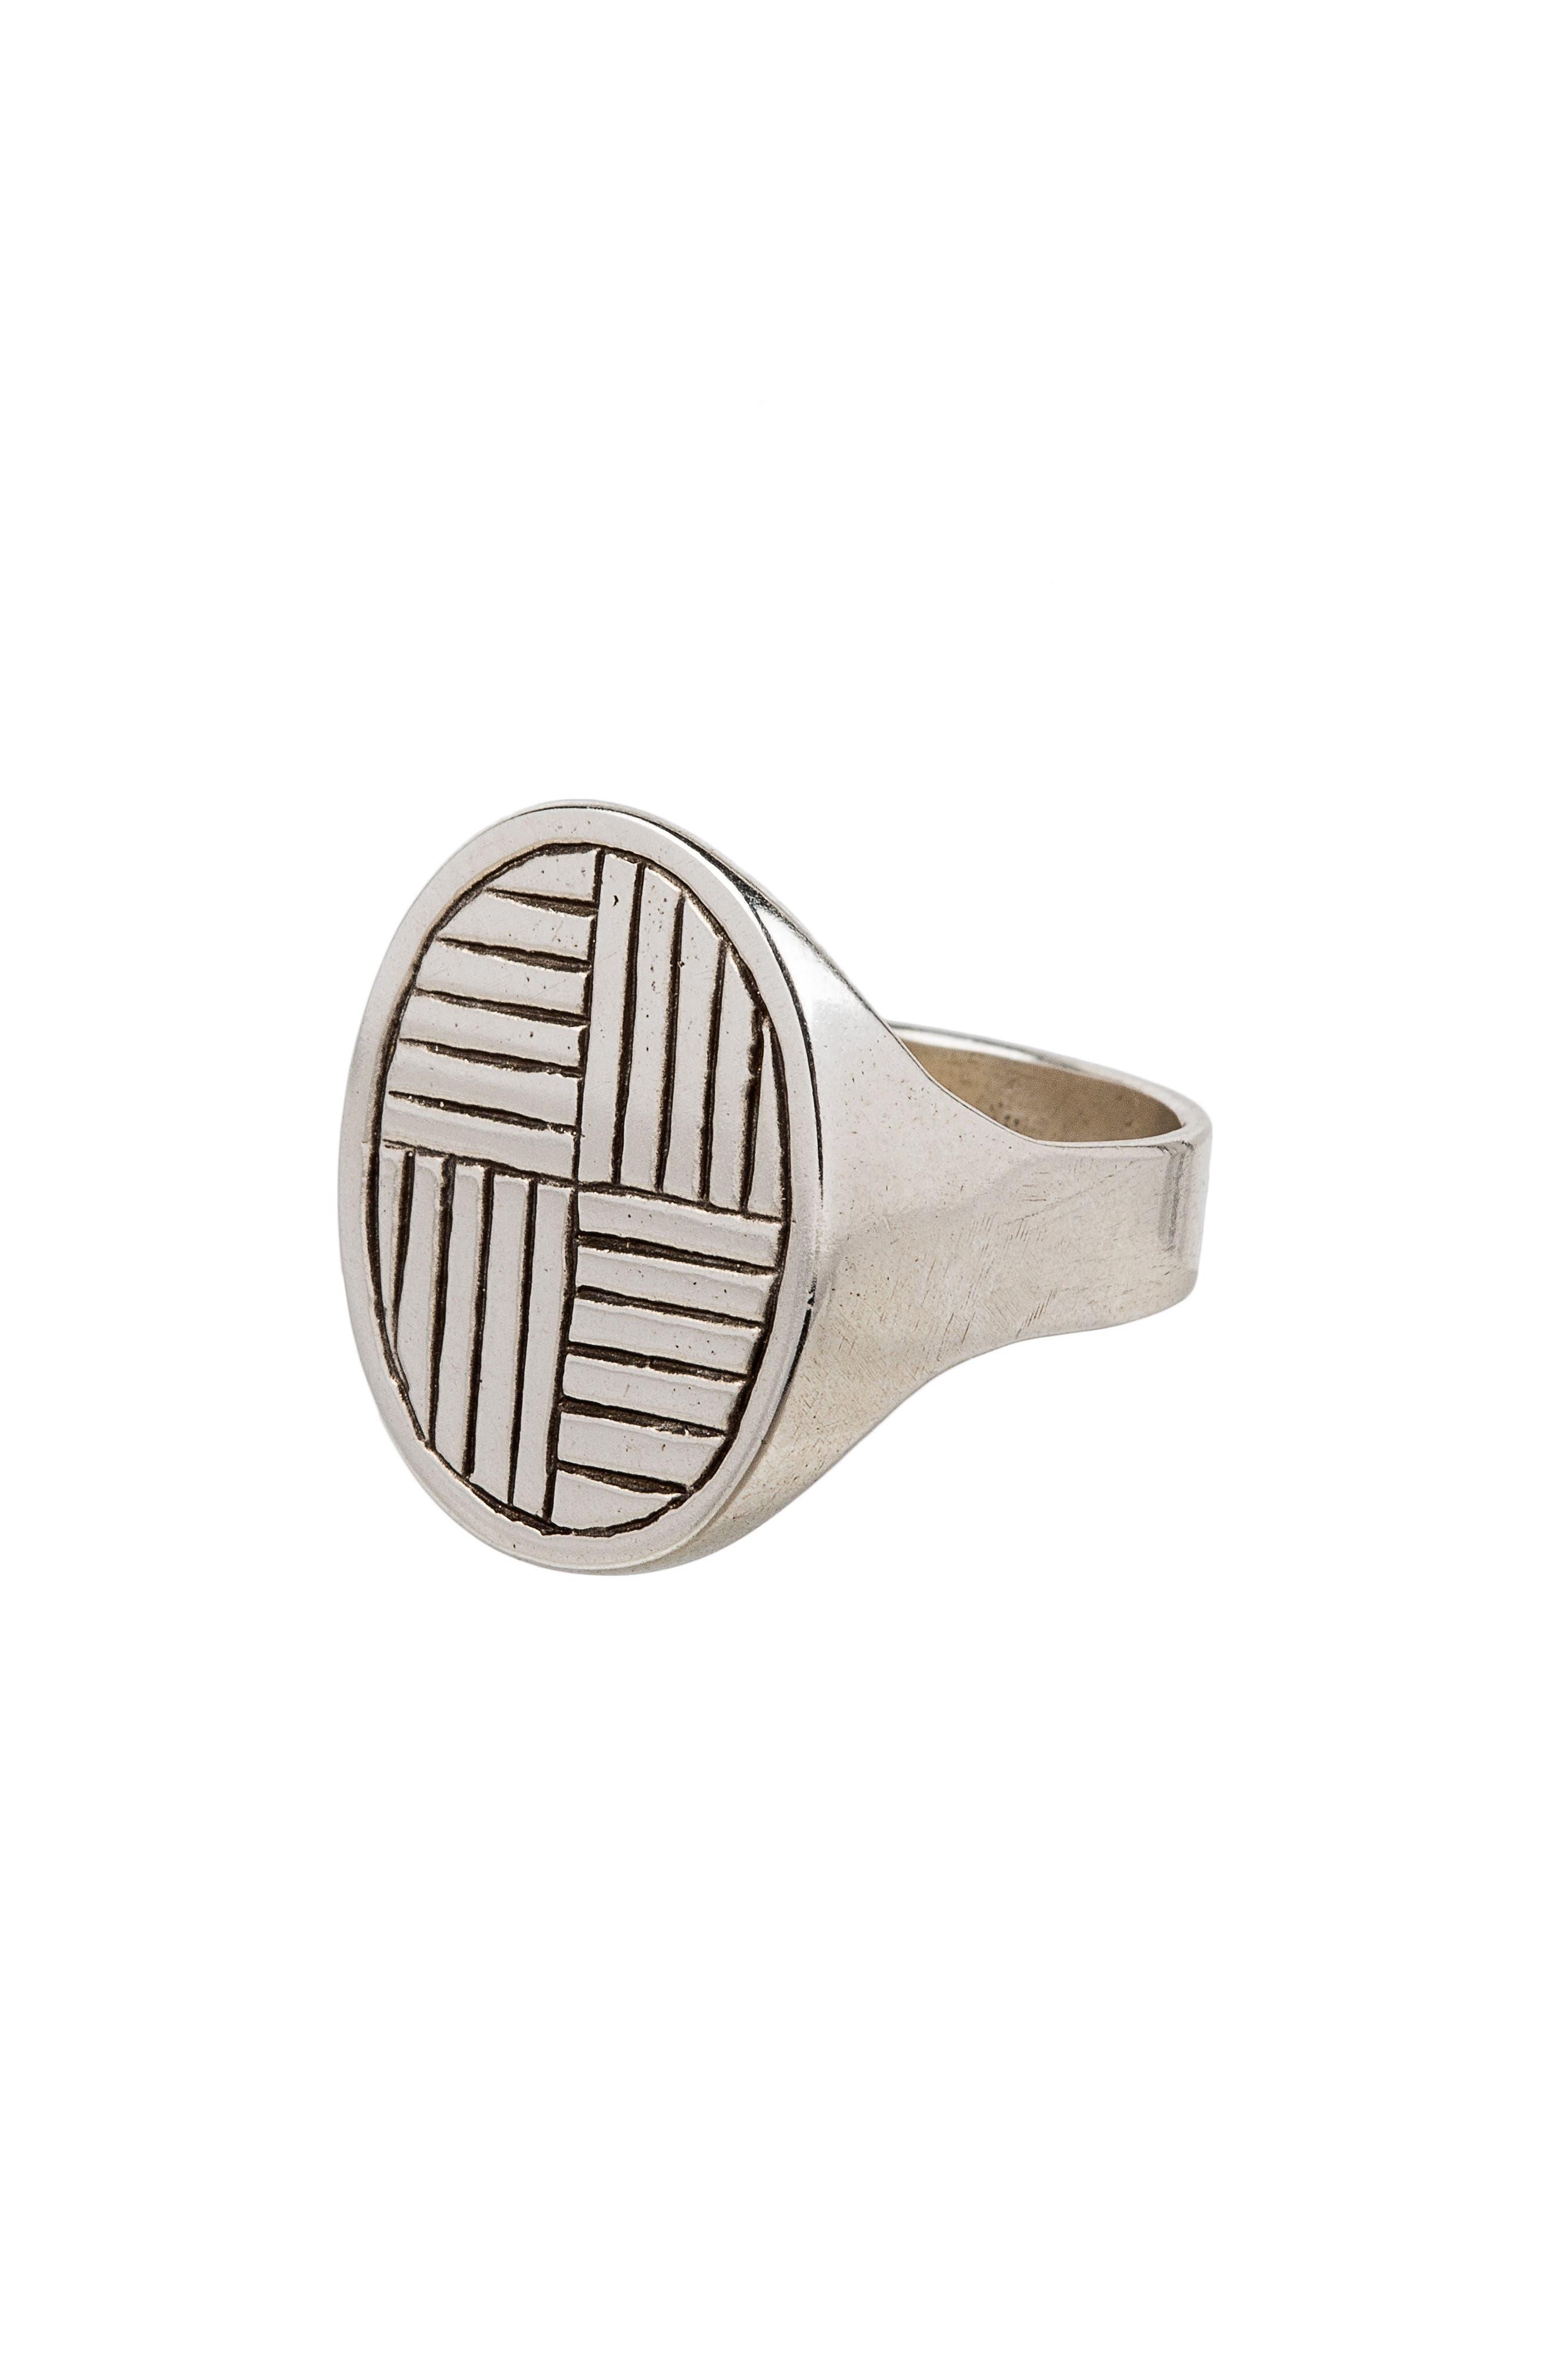 Ruskin Ring,                             Main thumbnail 1, color,                             040